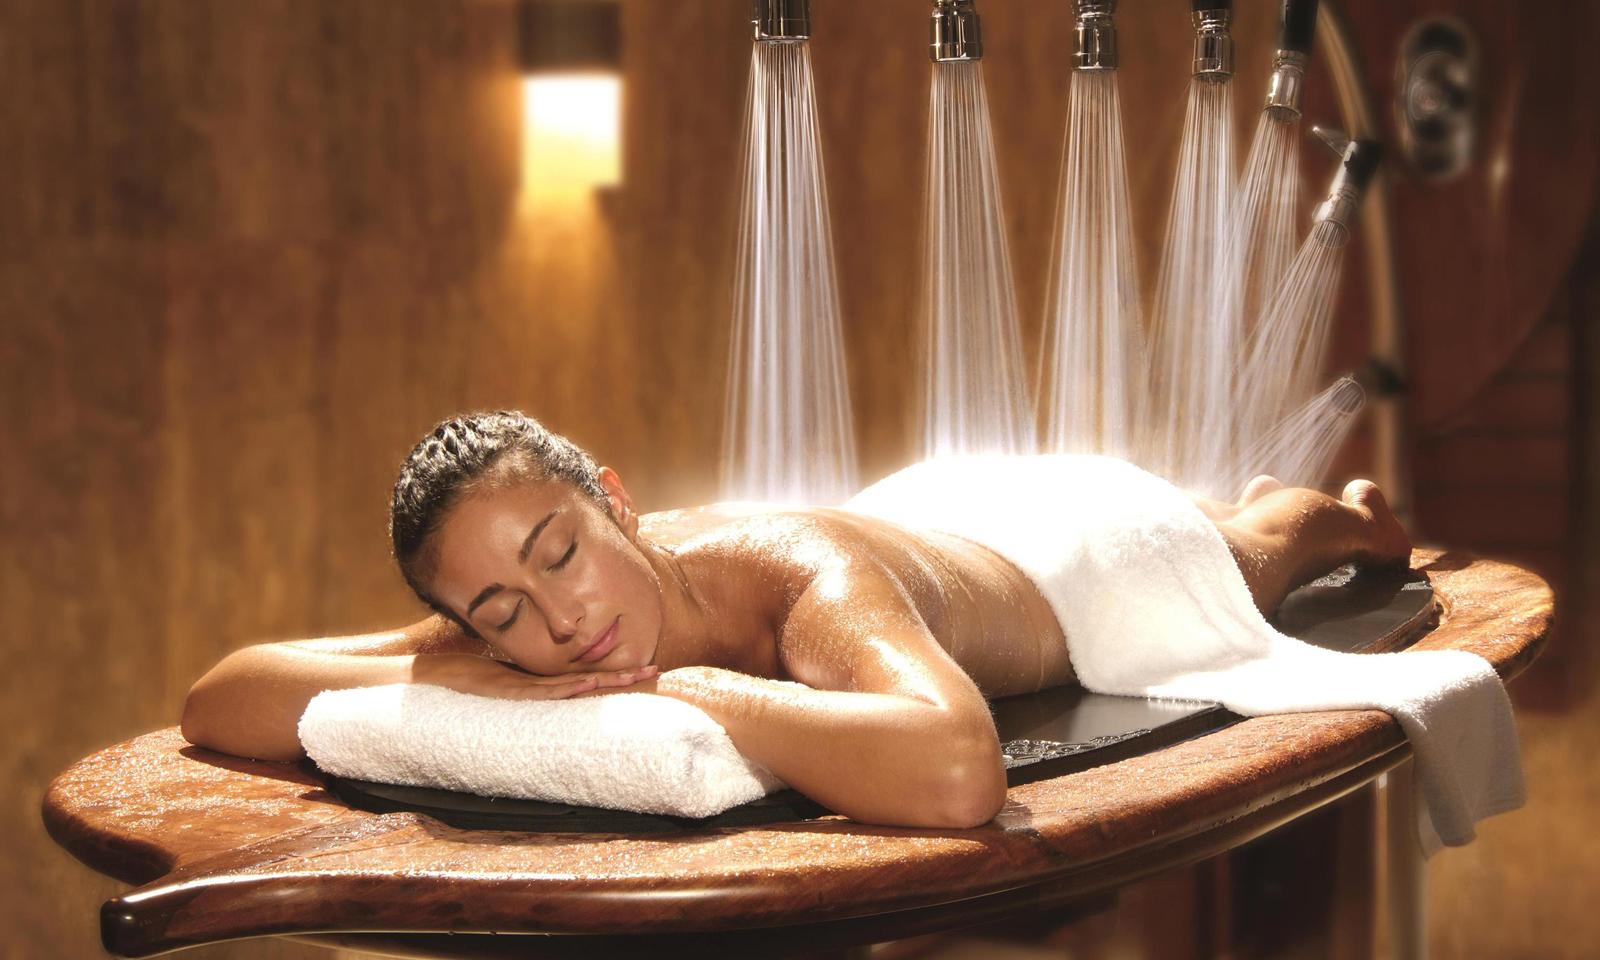 Treatments at Hawaii's Top Spa